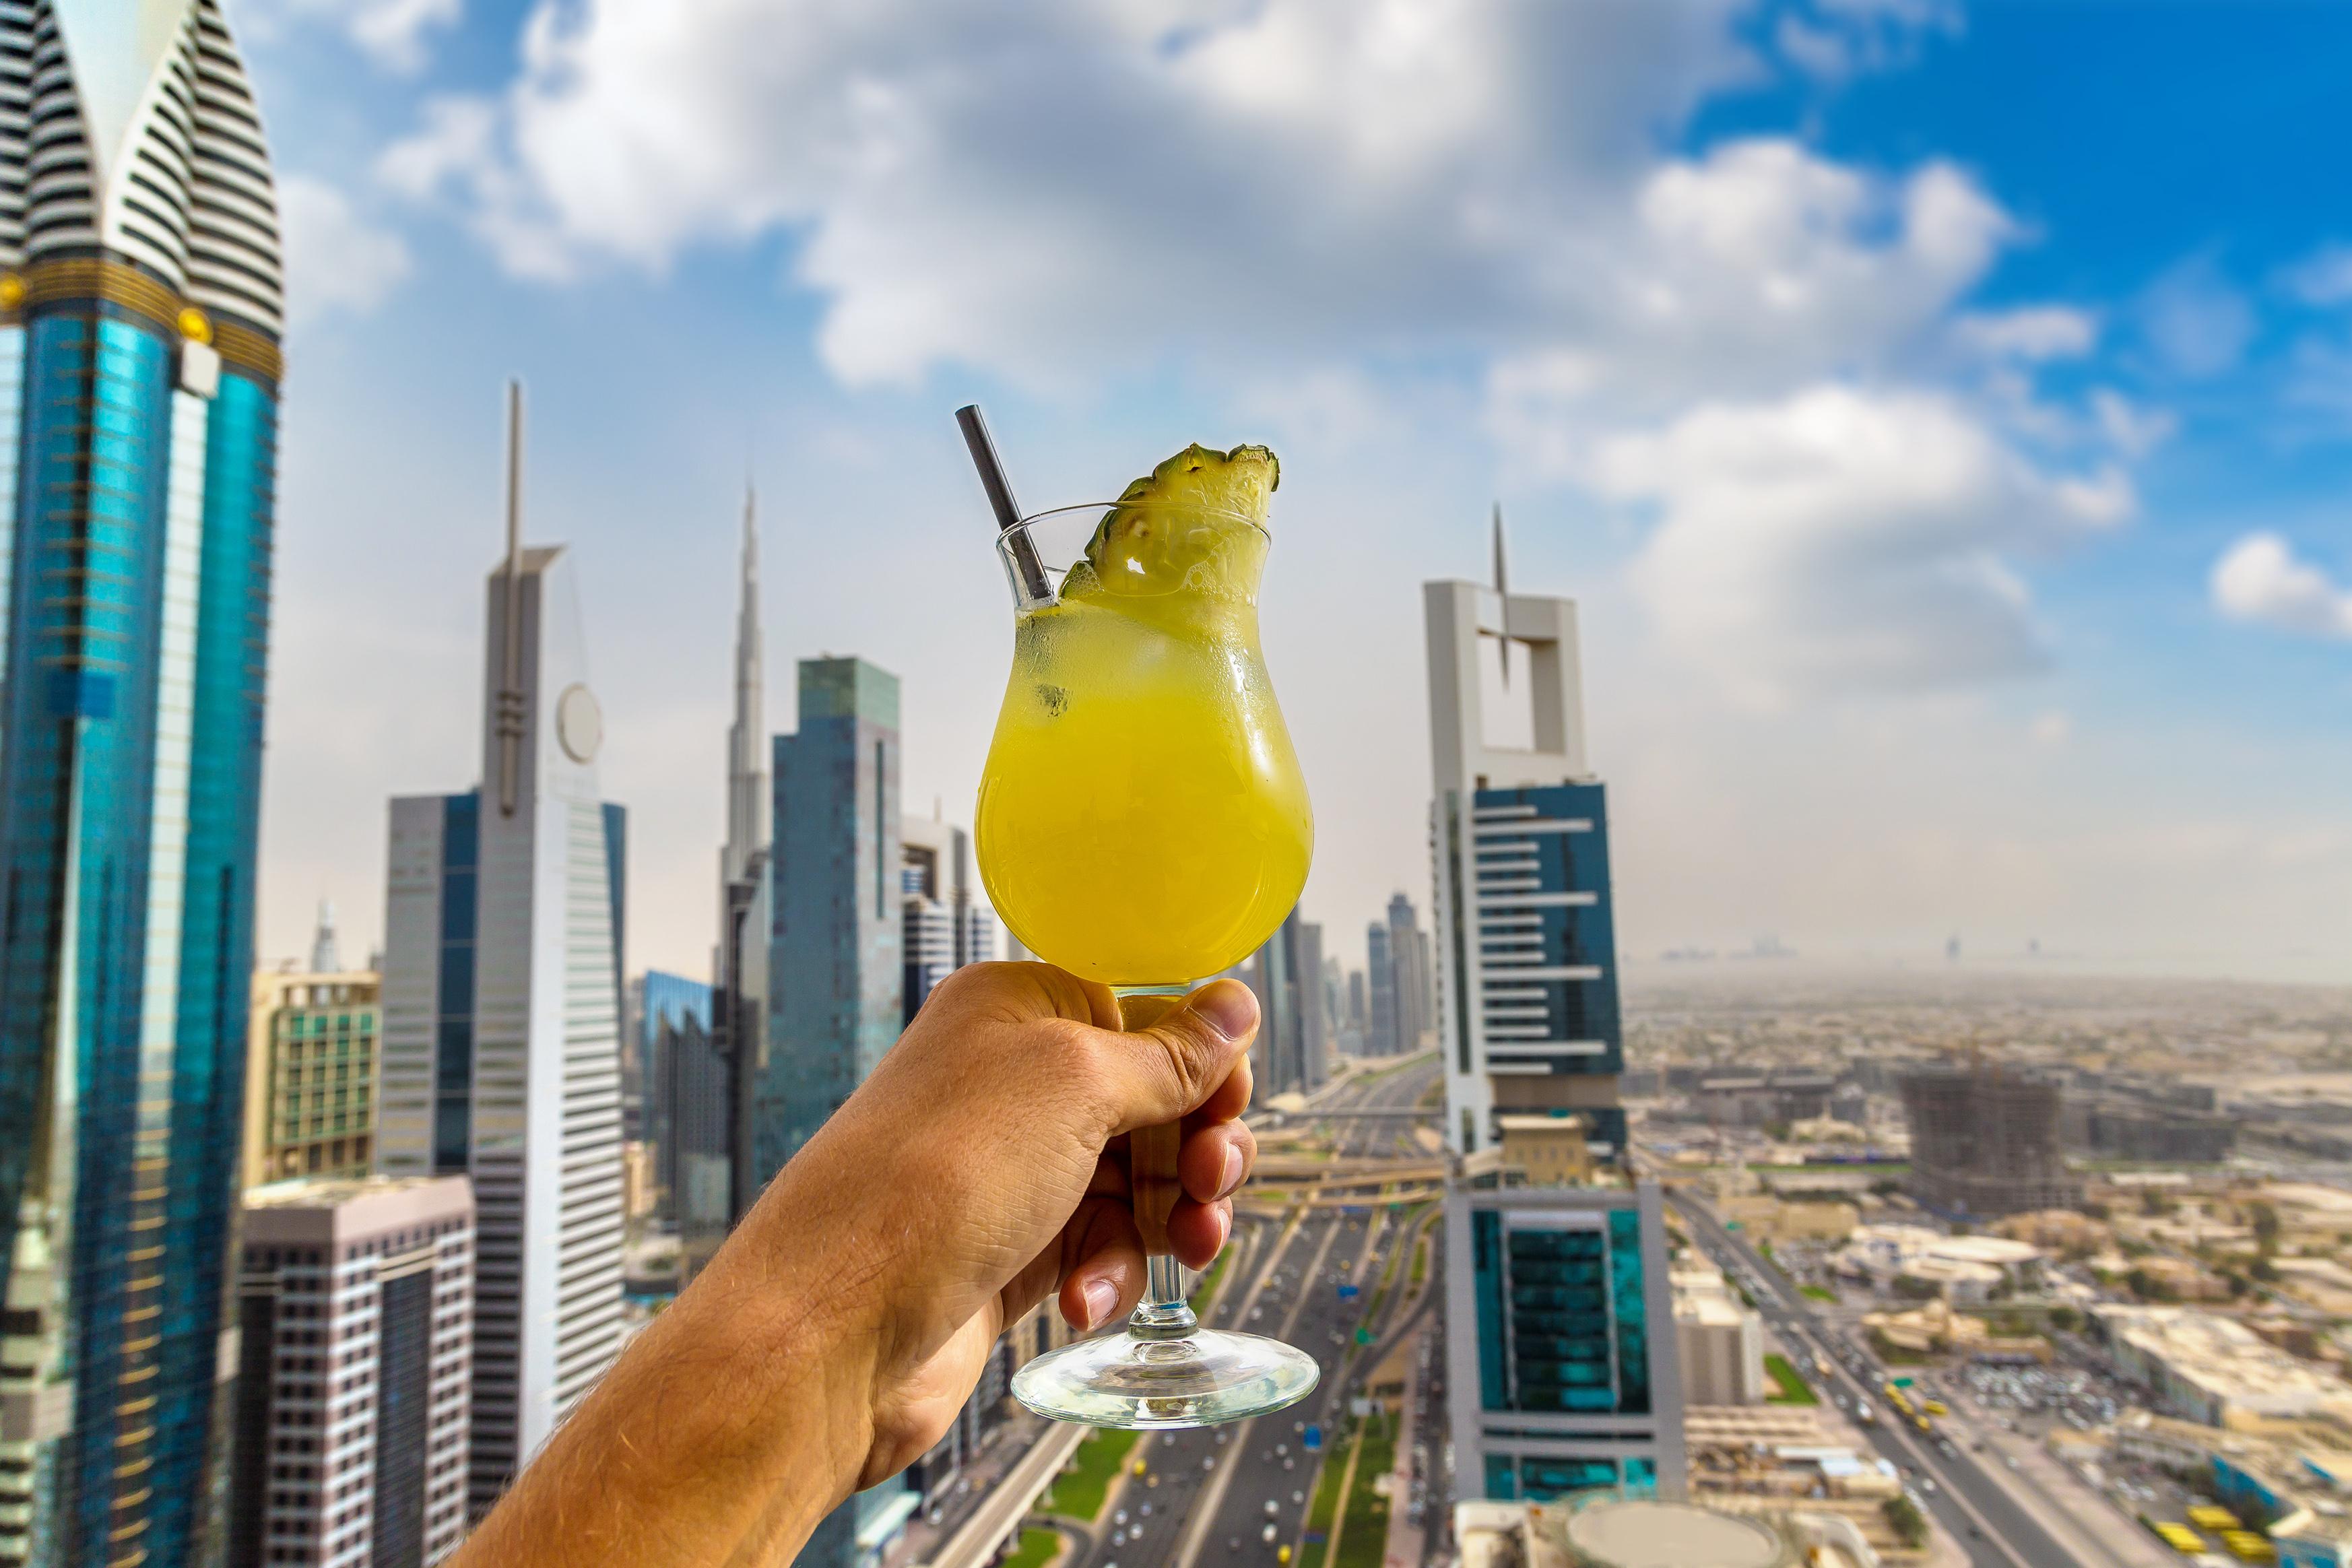 Туристите вече могат да купуват алкохол в Дубай